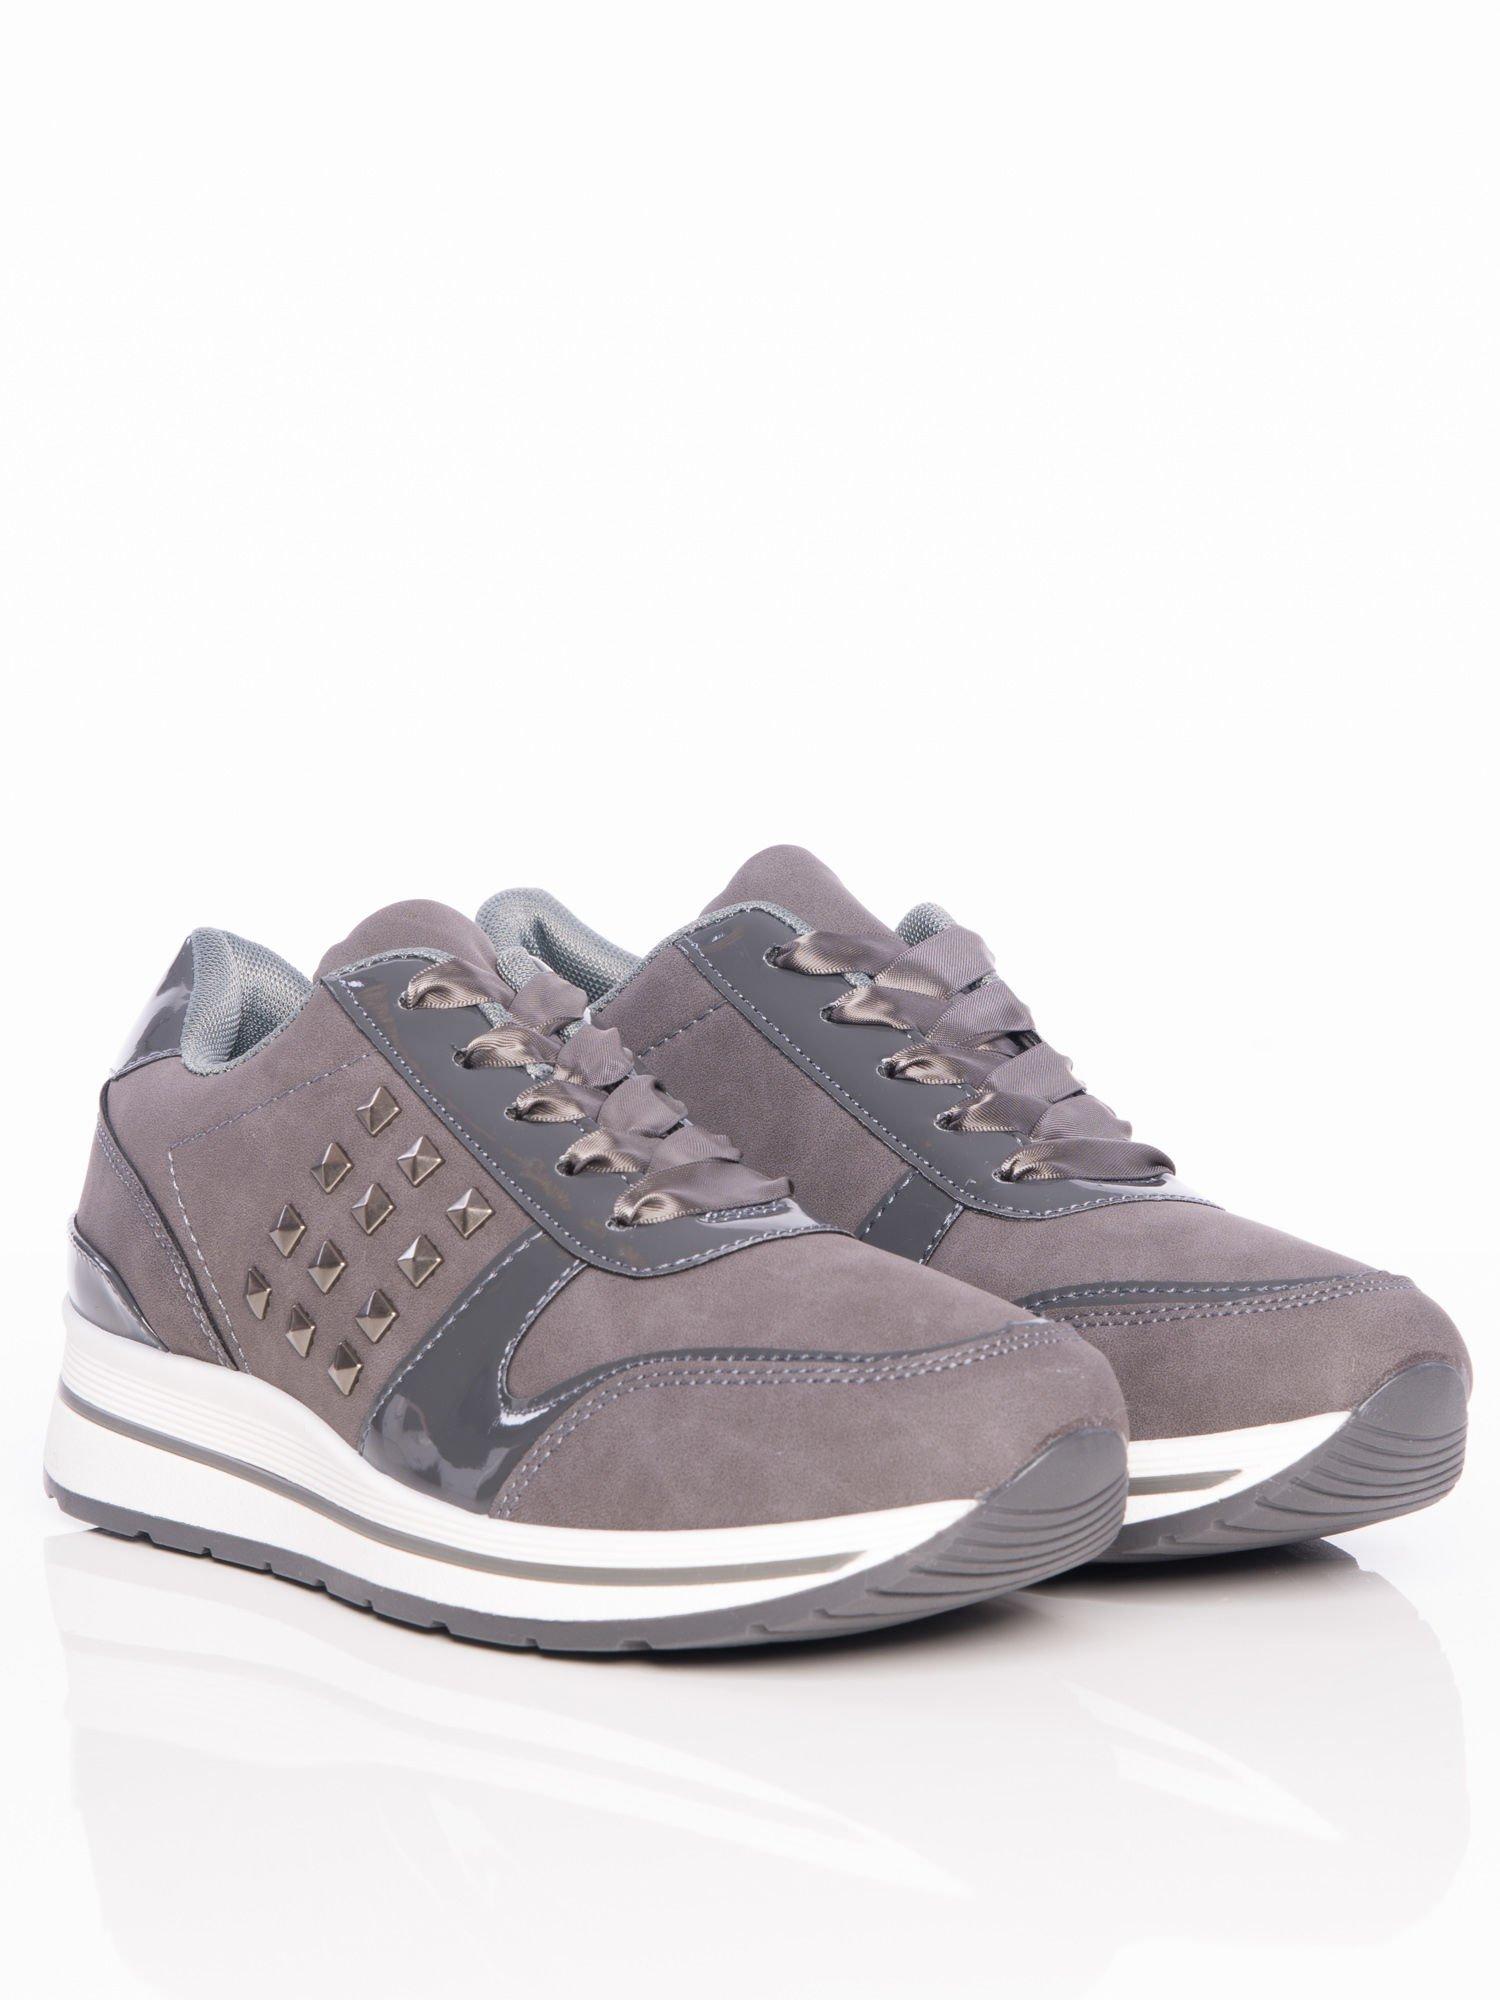 Popielate buty sportowe z lakierowanymi wstawkami i atłasowymi sznurówkami